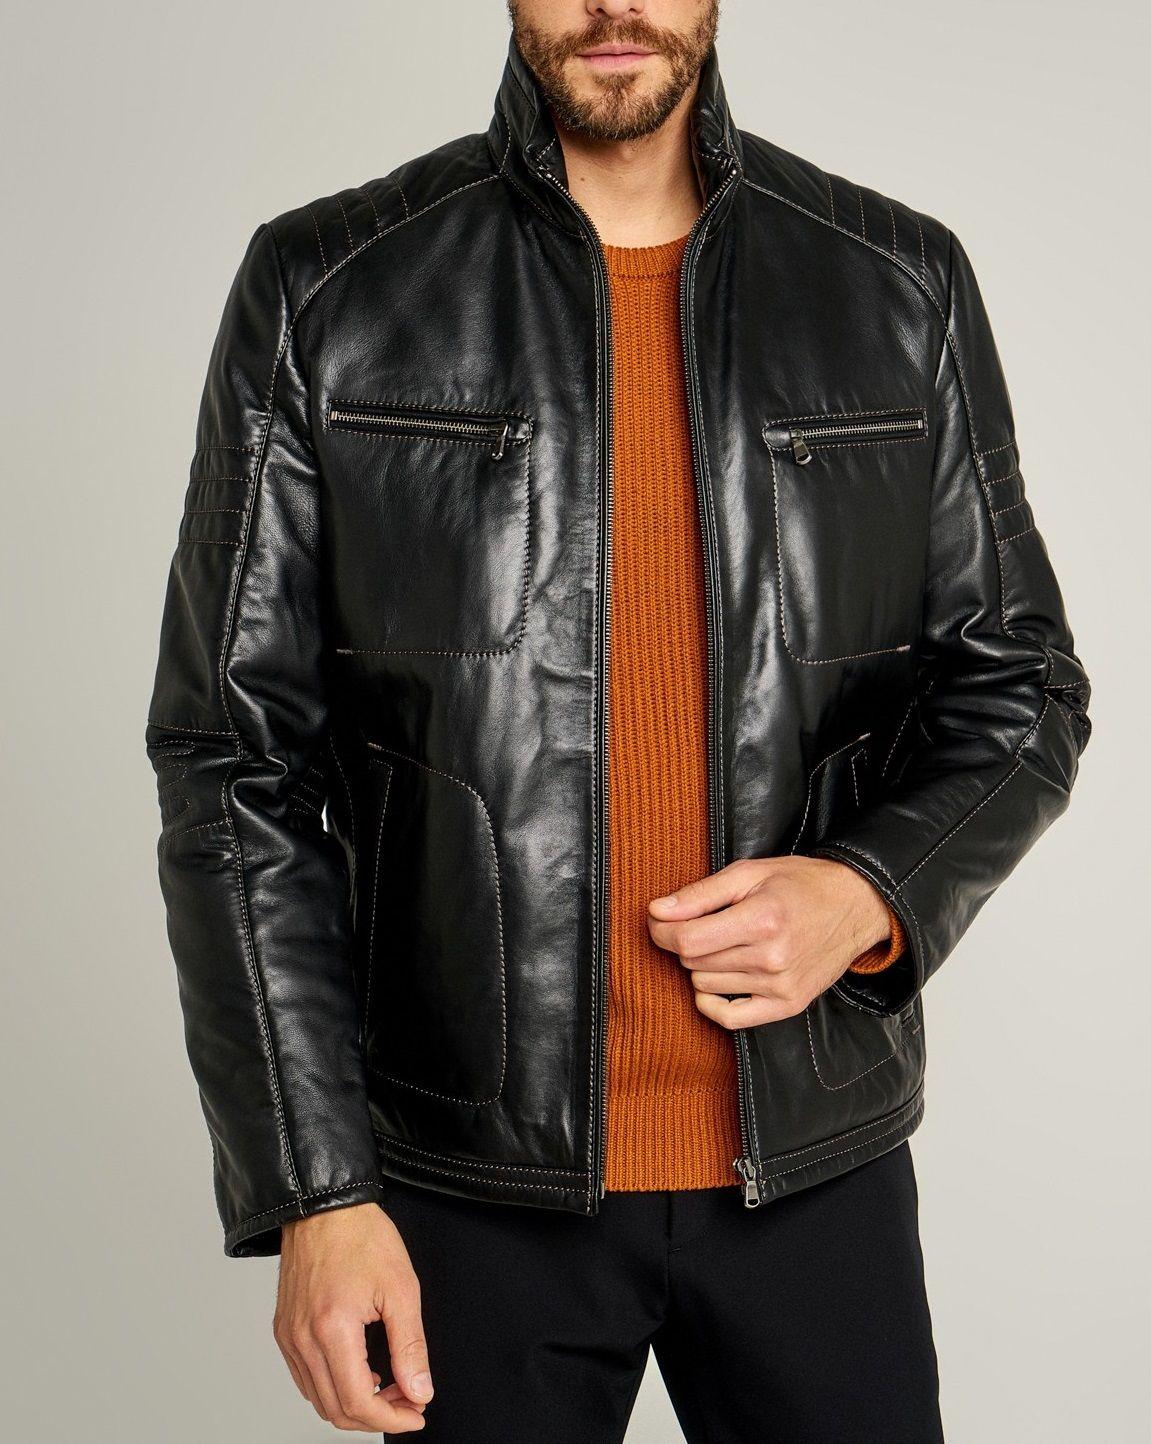 Stylish Black Leather Jacket Leather Jacket Men Stylish Leather Jacket Leather Jacket [ 1444 x 1151 Pixel ]